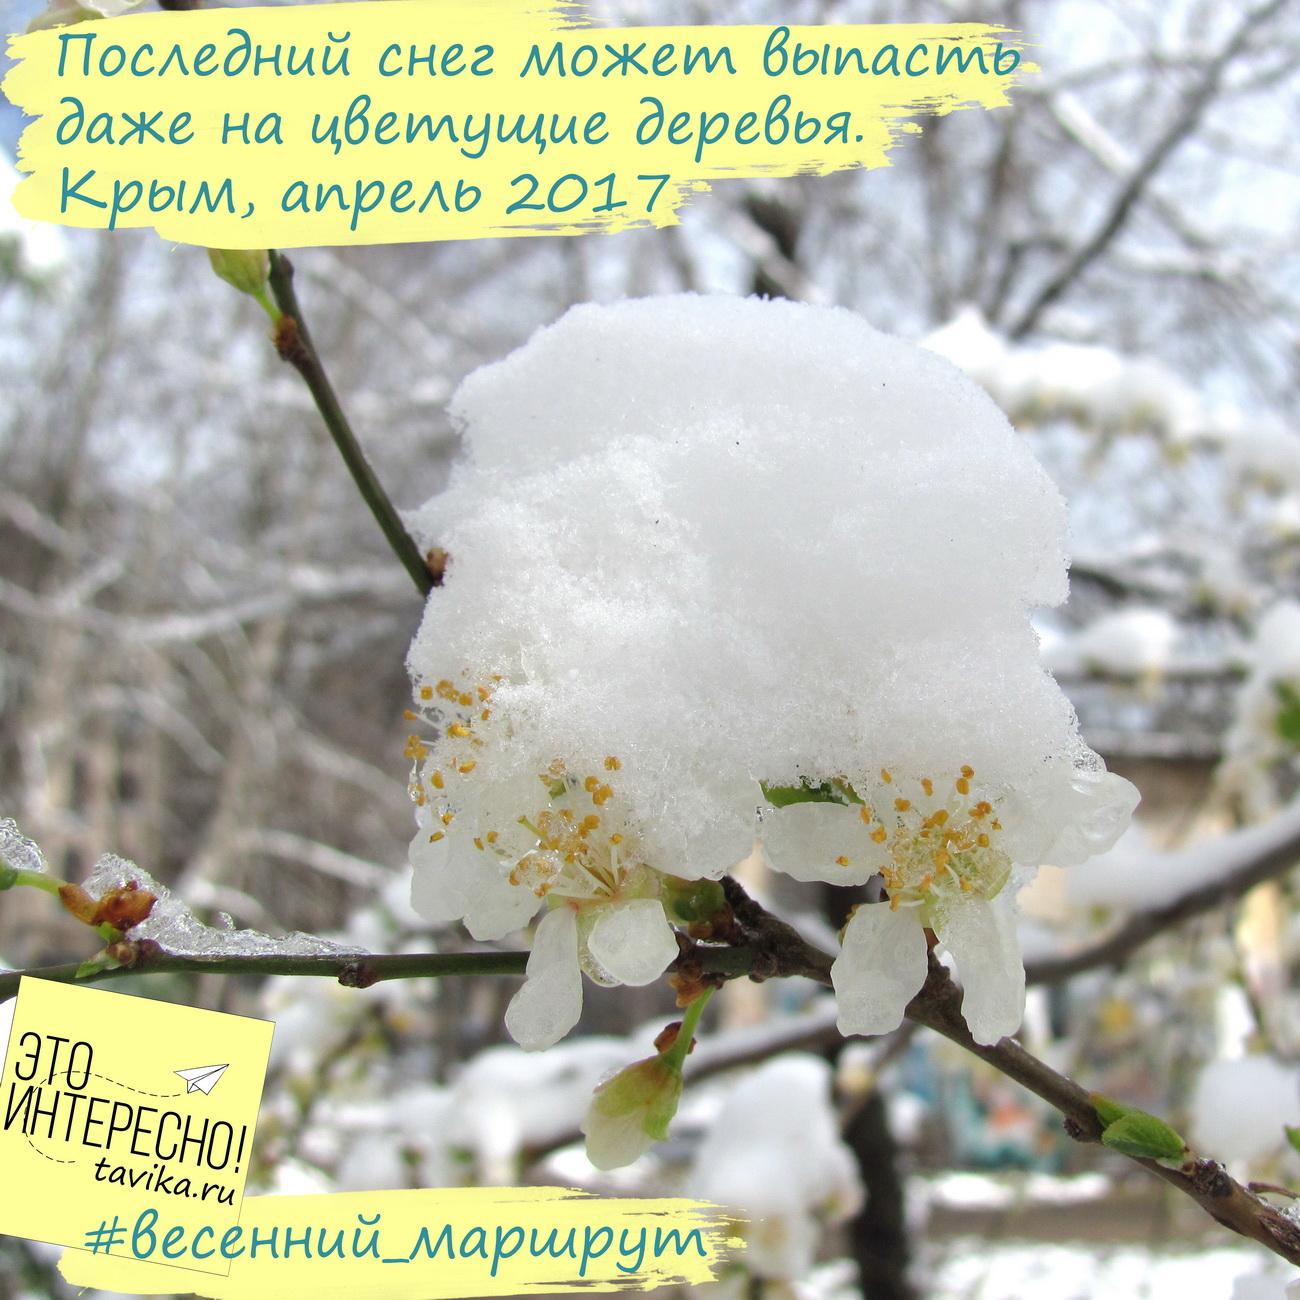 Последние  весенние заморозки в Крыму